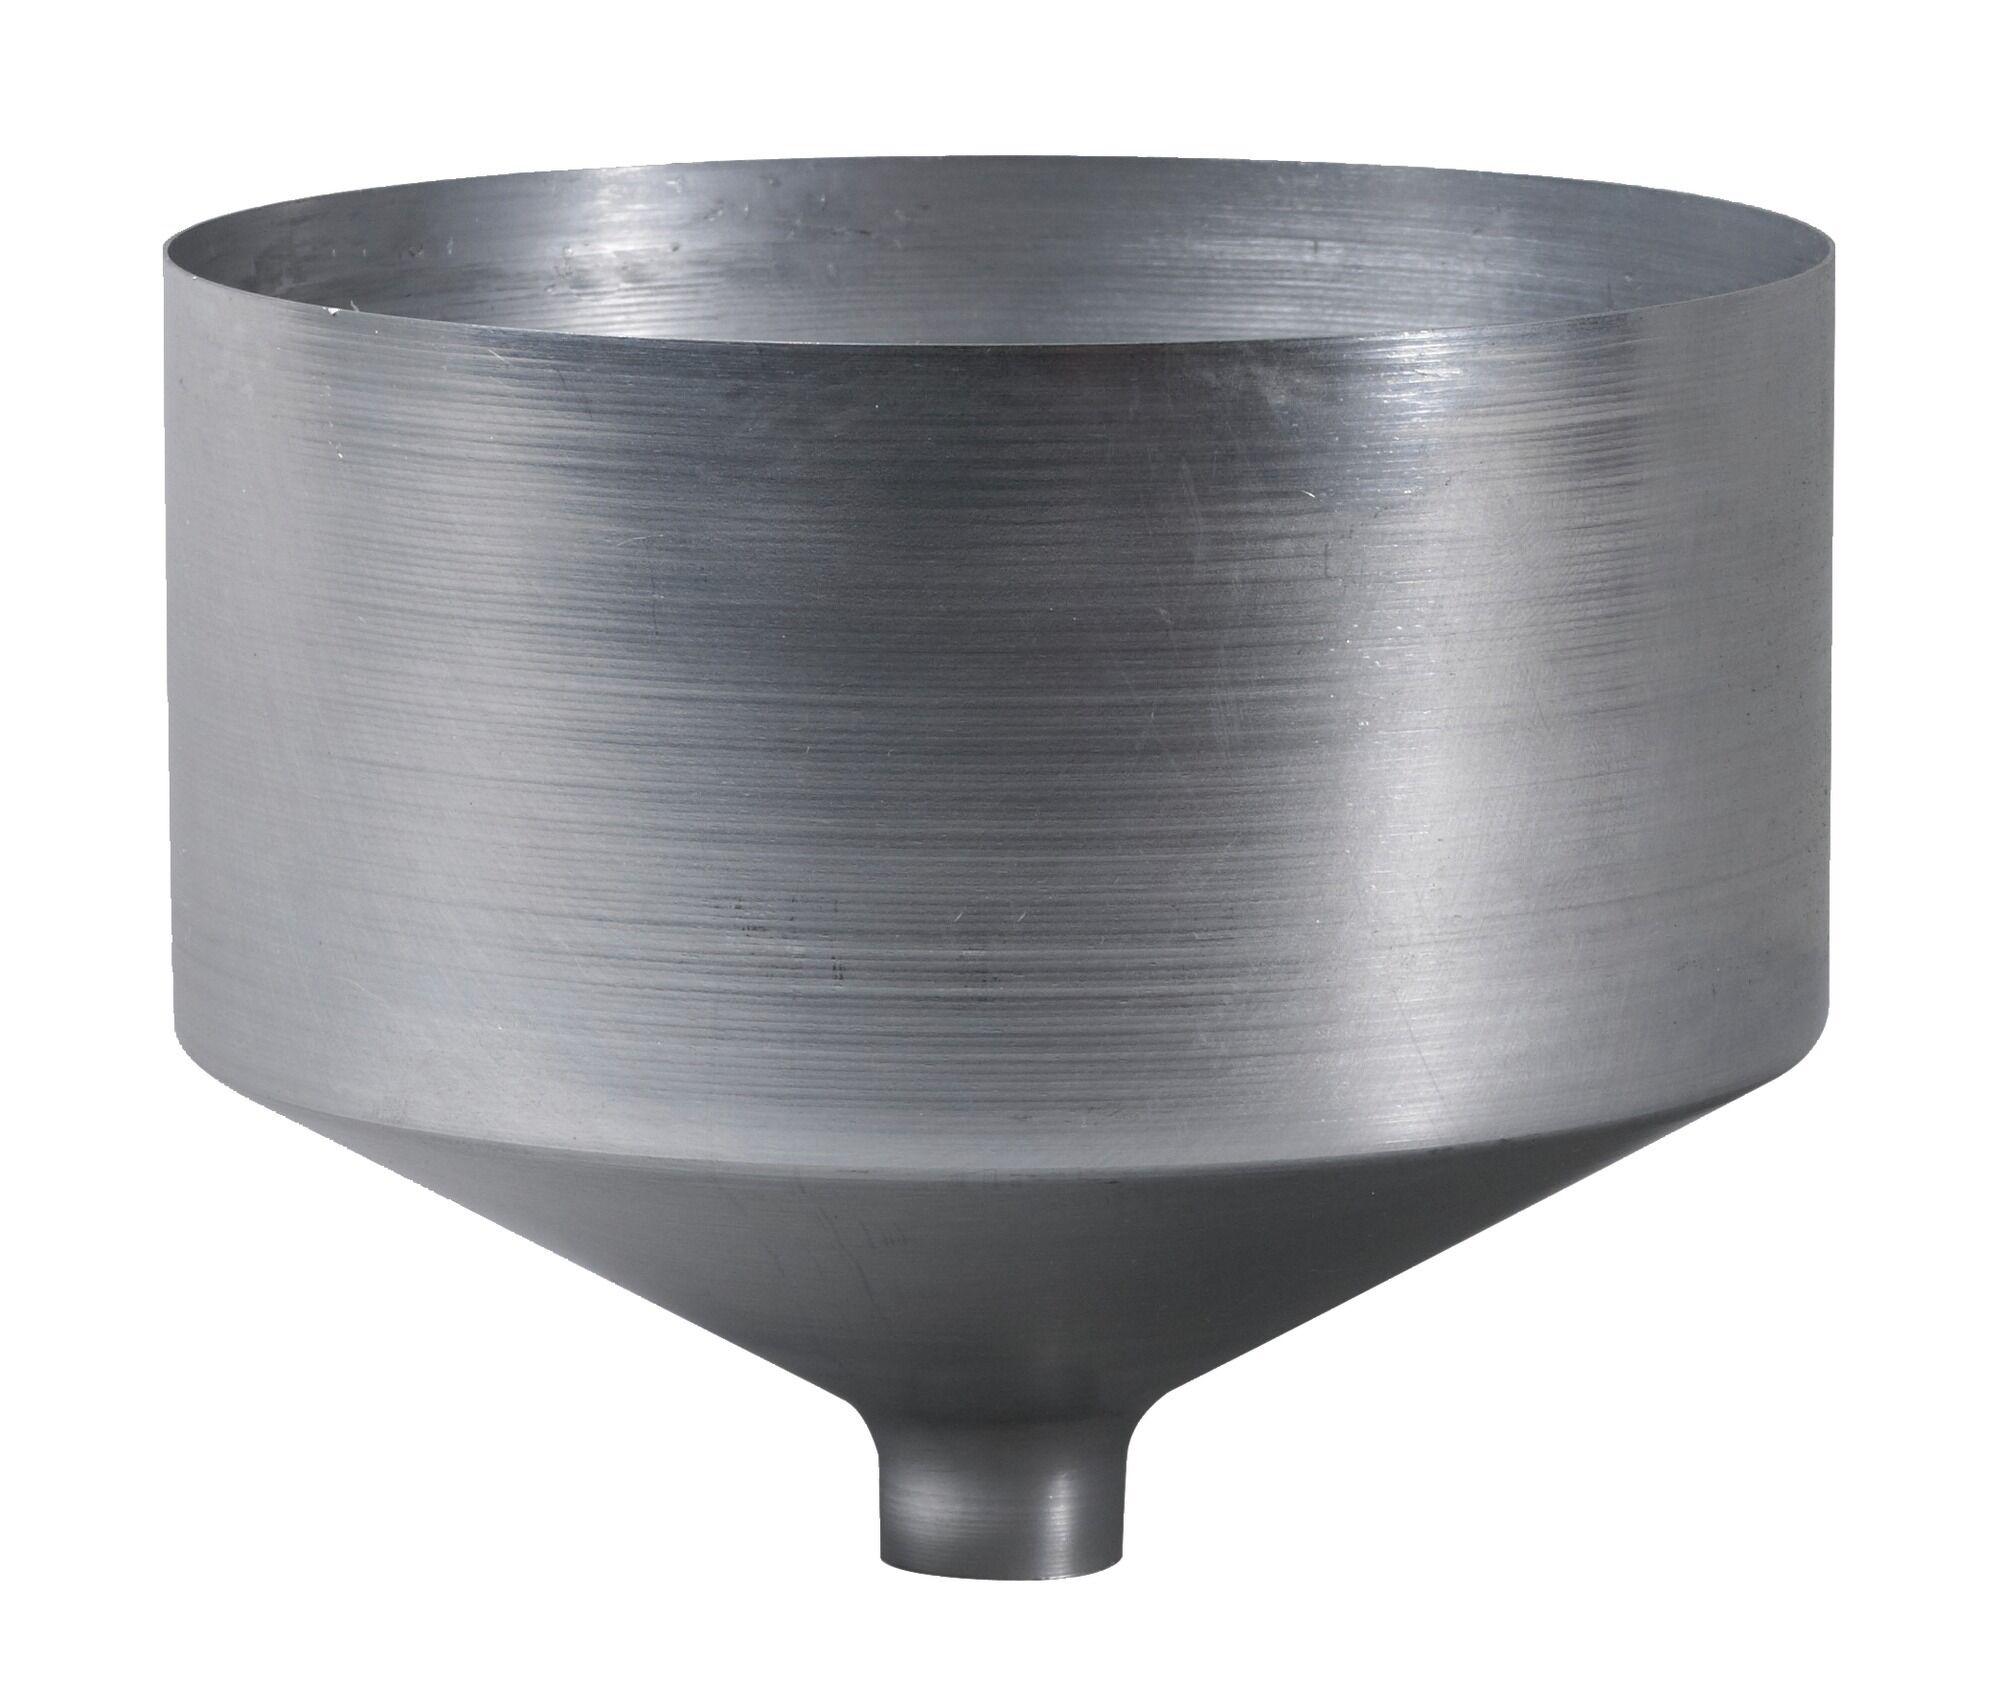 TEN Purge aluminium Ø 139 mm - TOLERIE GENERALE - 900139